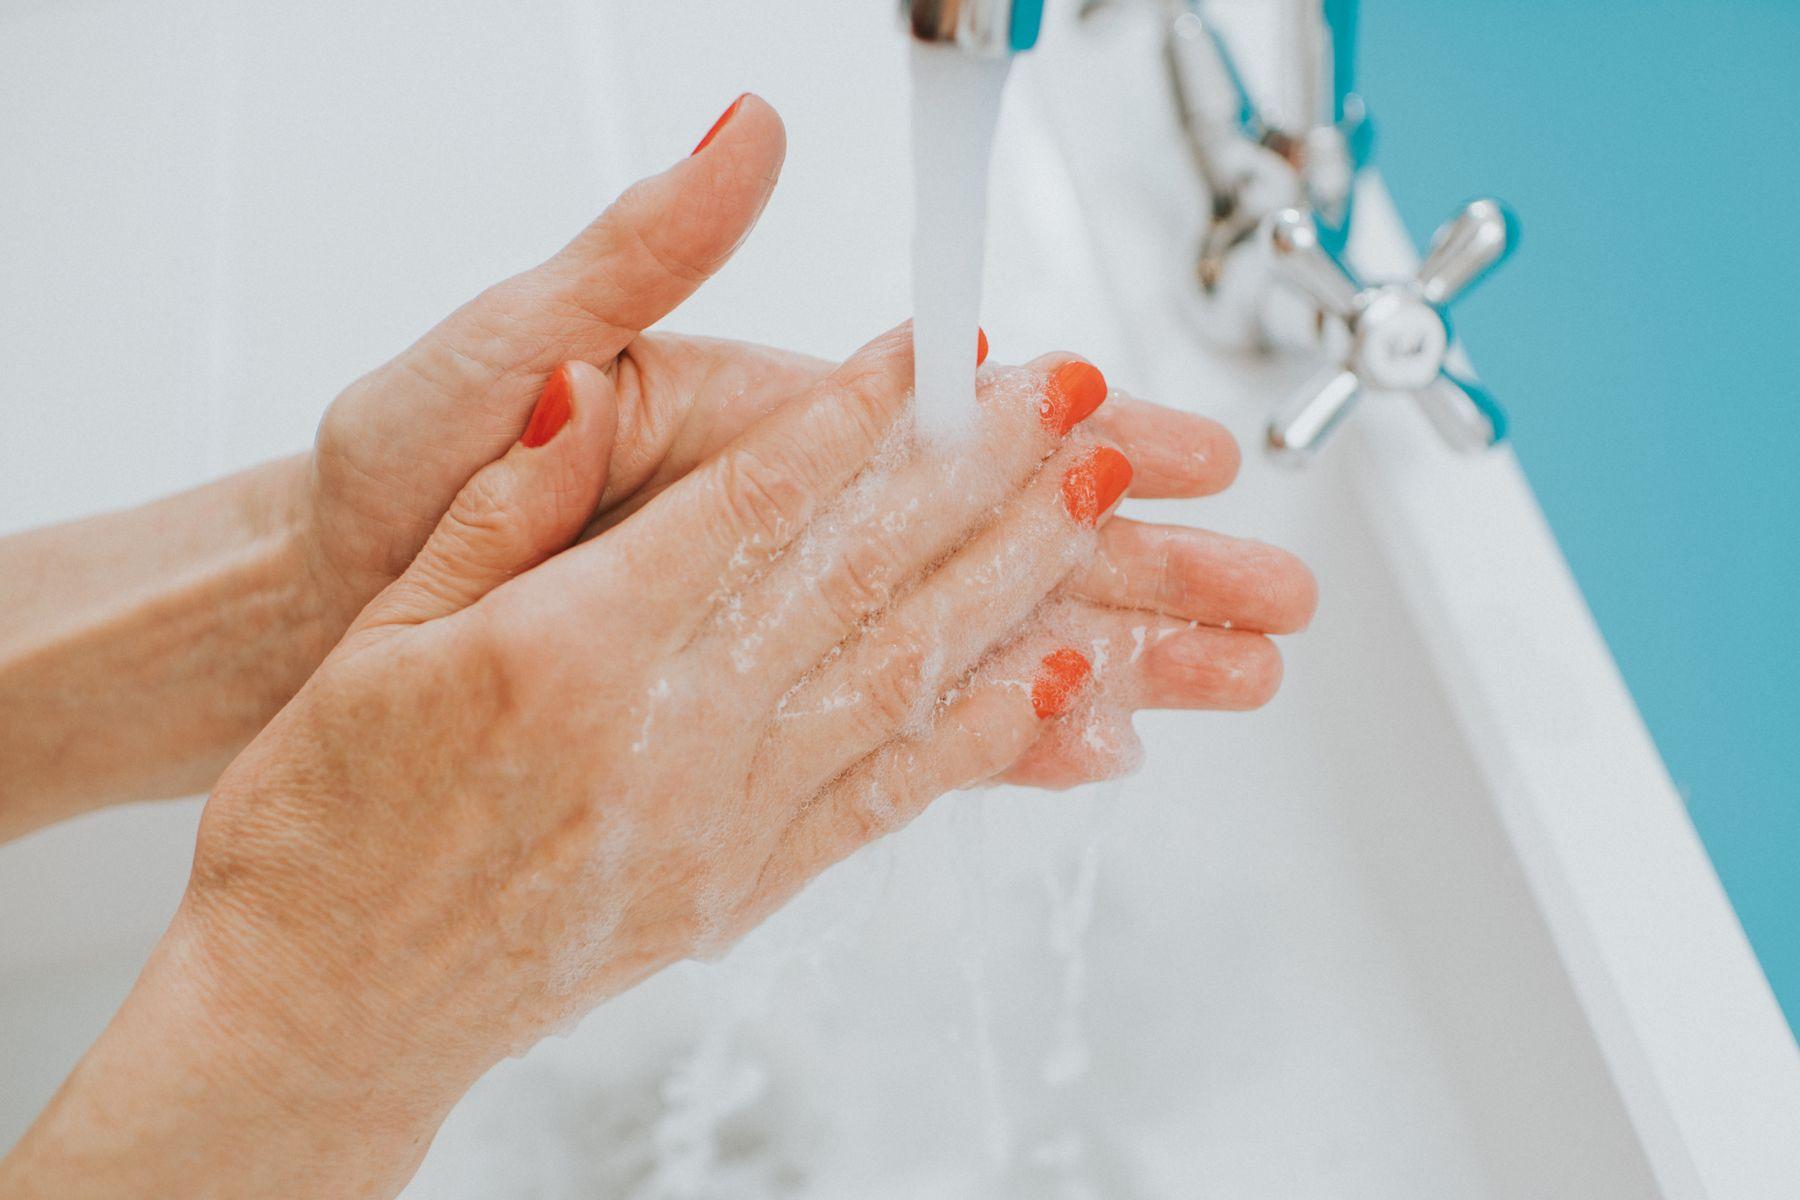 hands washing under sink with running water